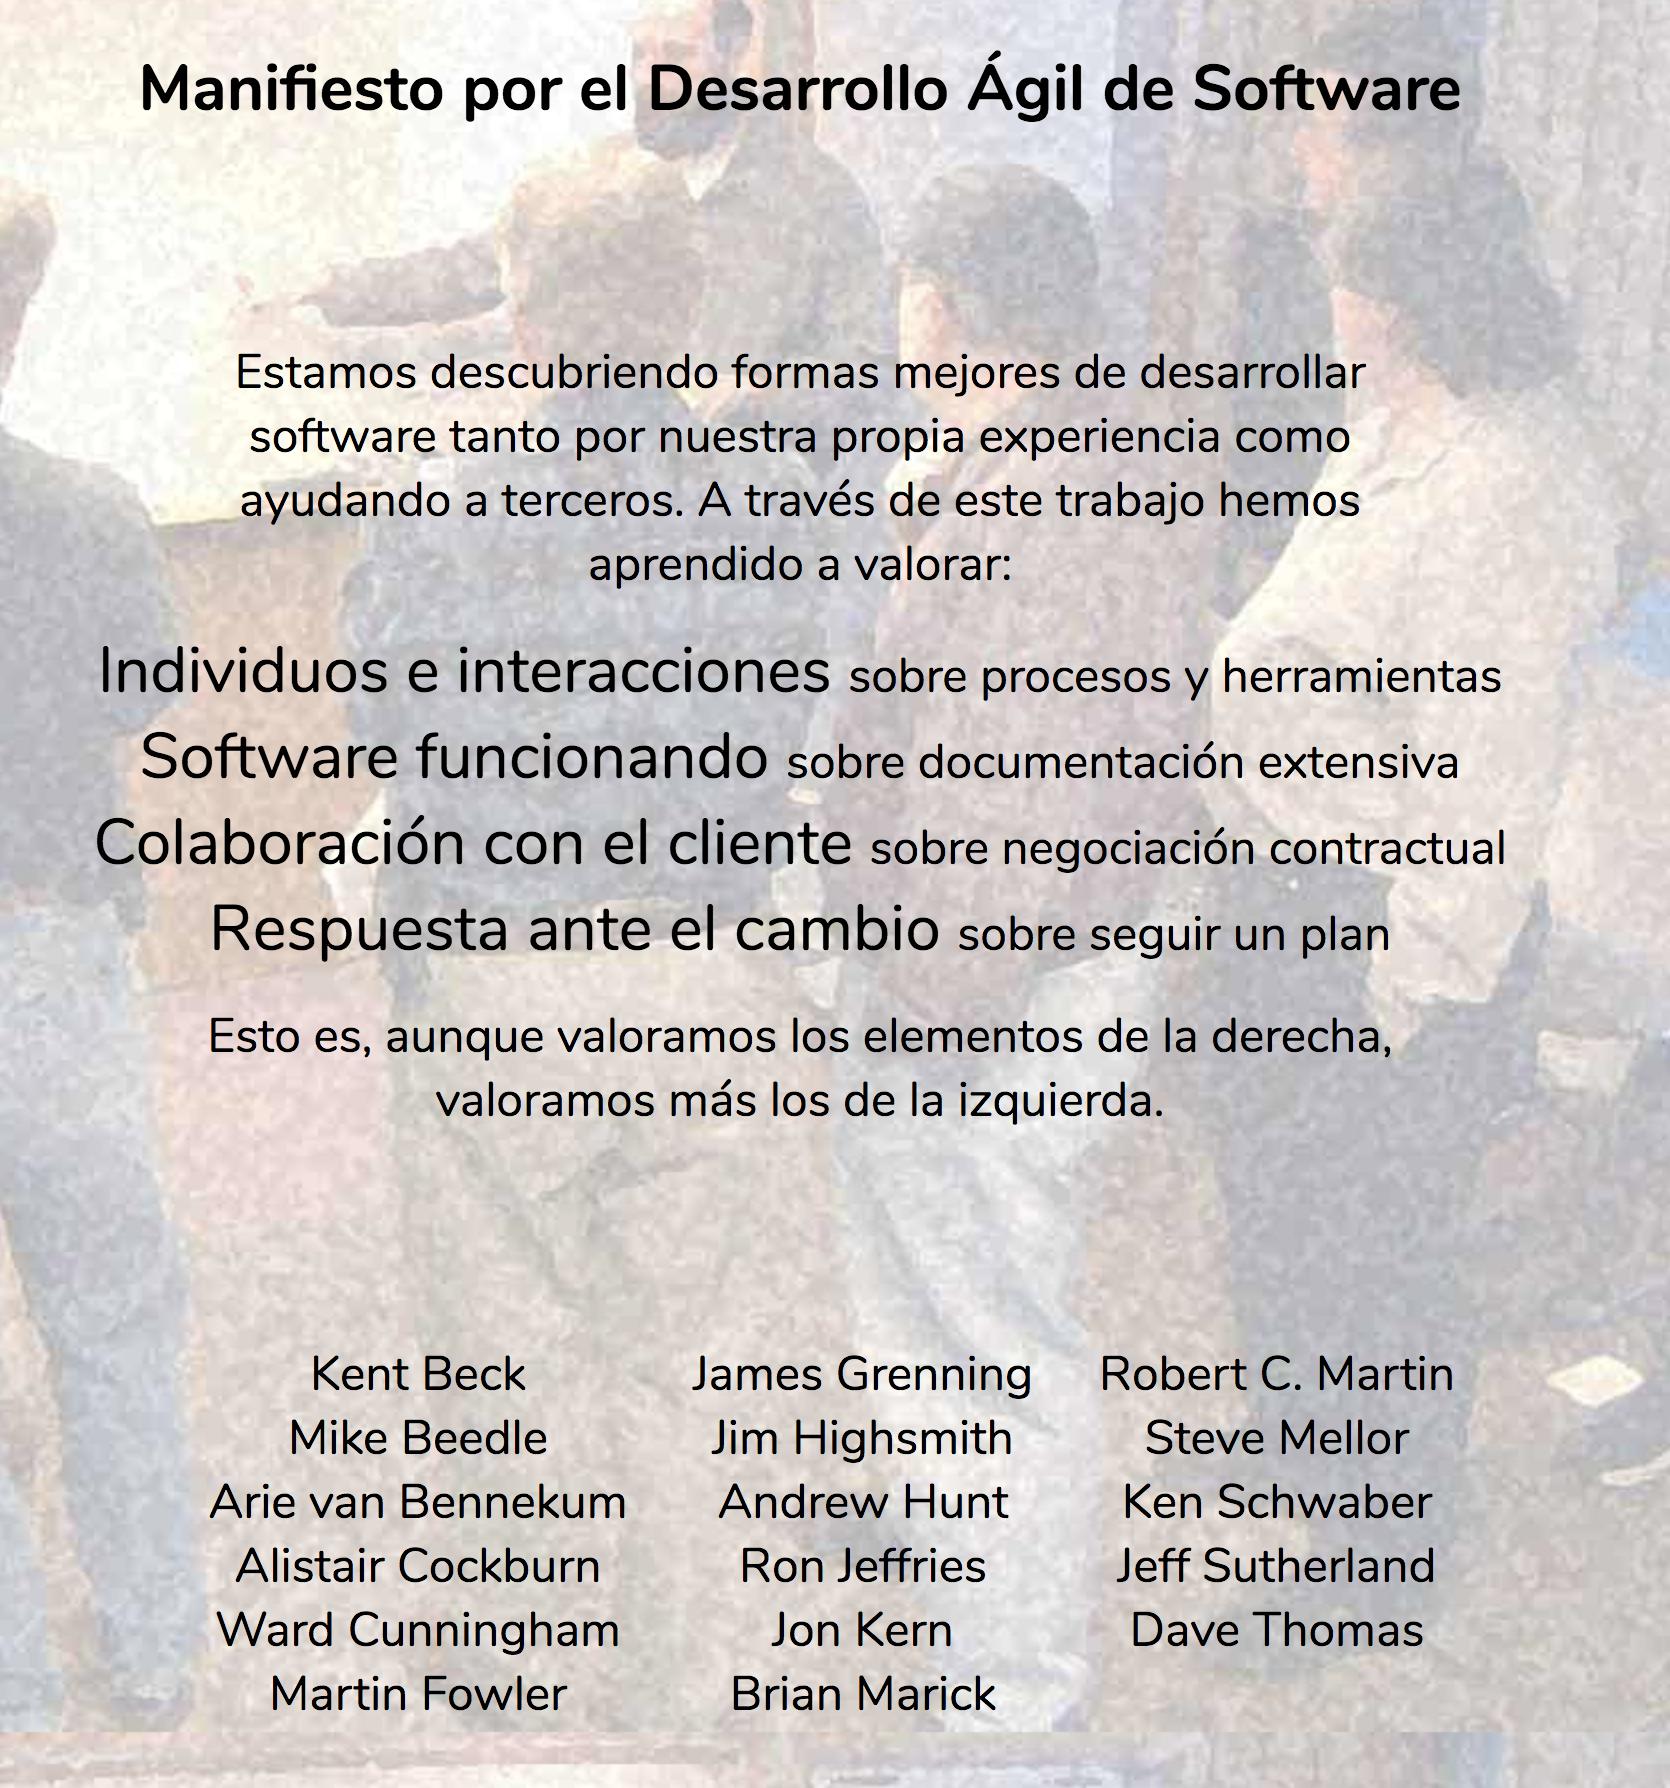 Manifiesto por le Desarrollo Ágil de Software